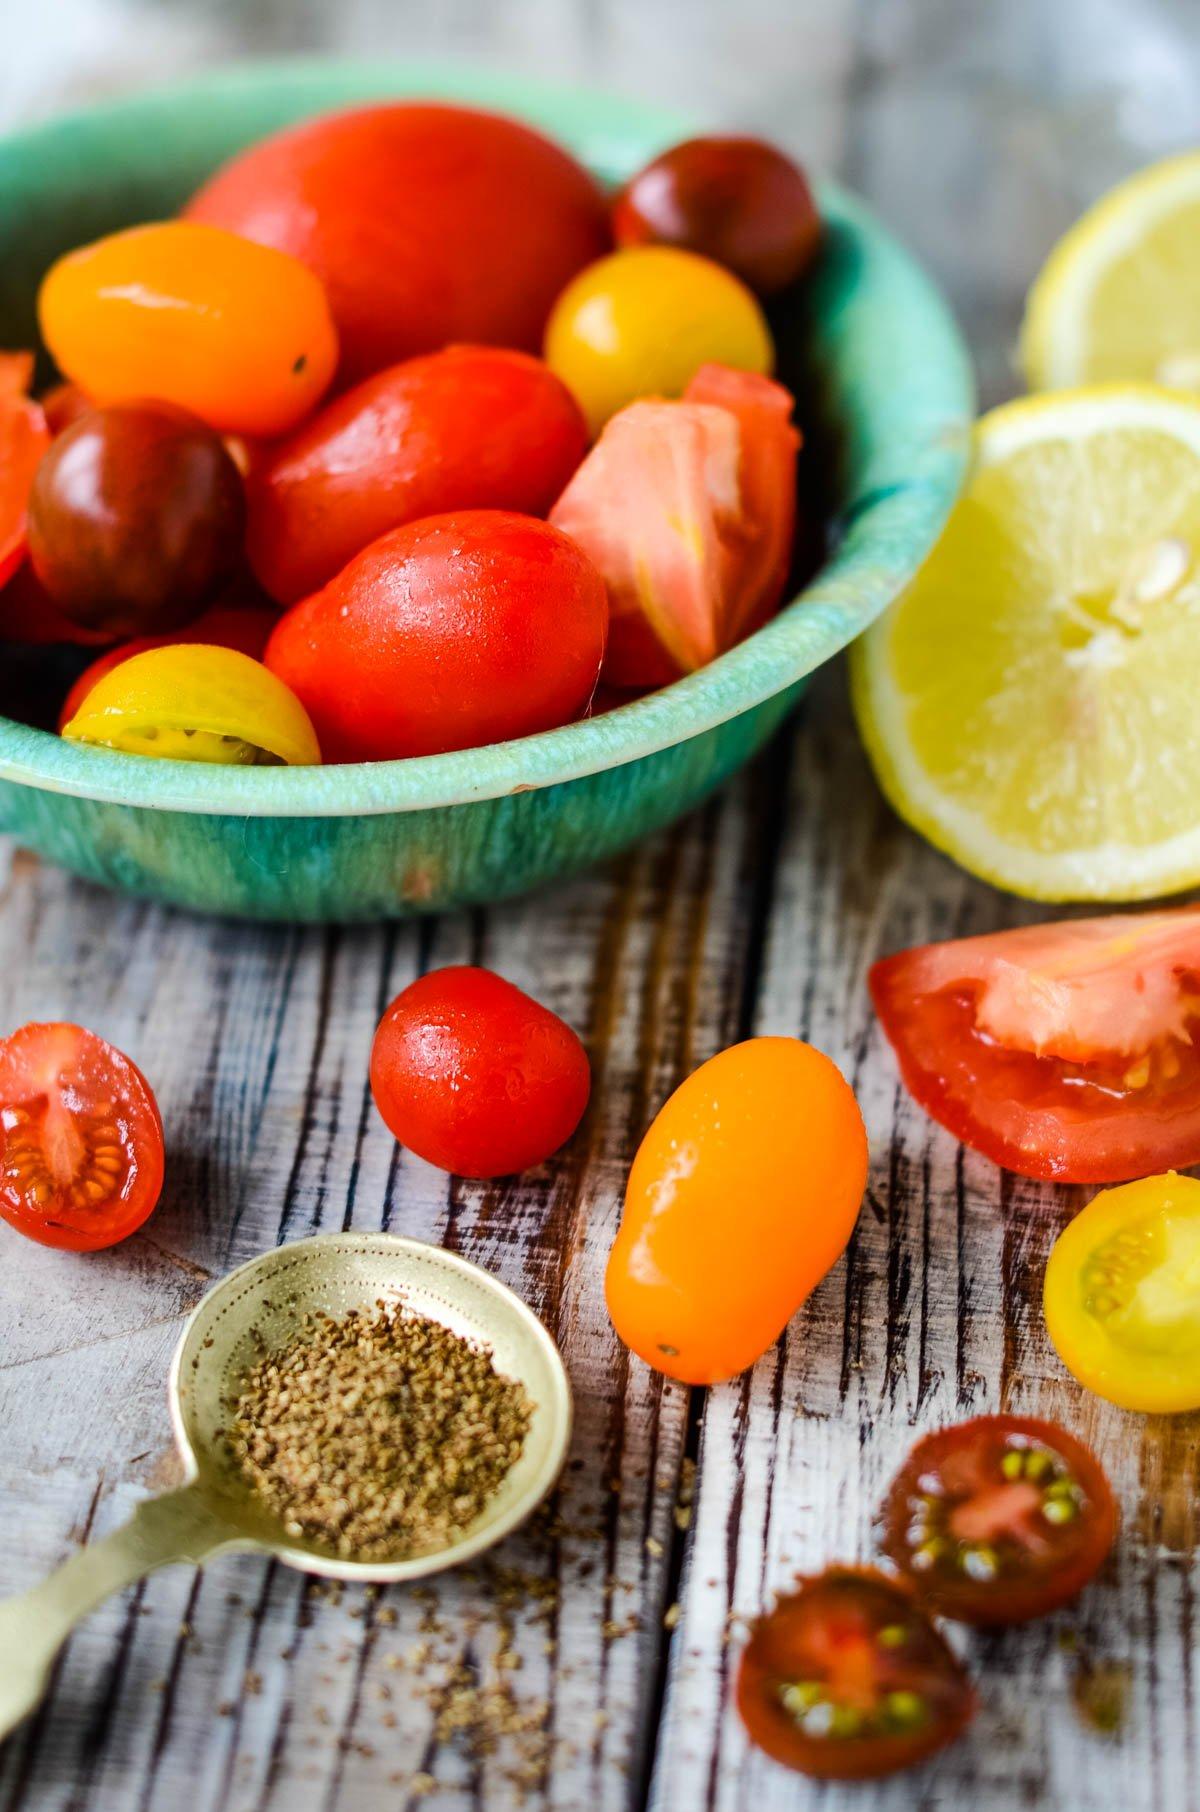 ingredients - tomatoes, lemon, salt, celery seeds on wooden board